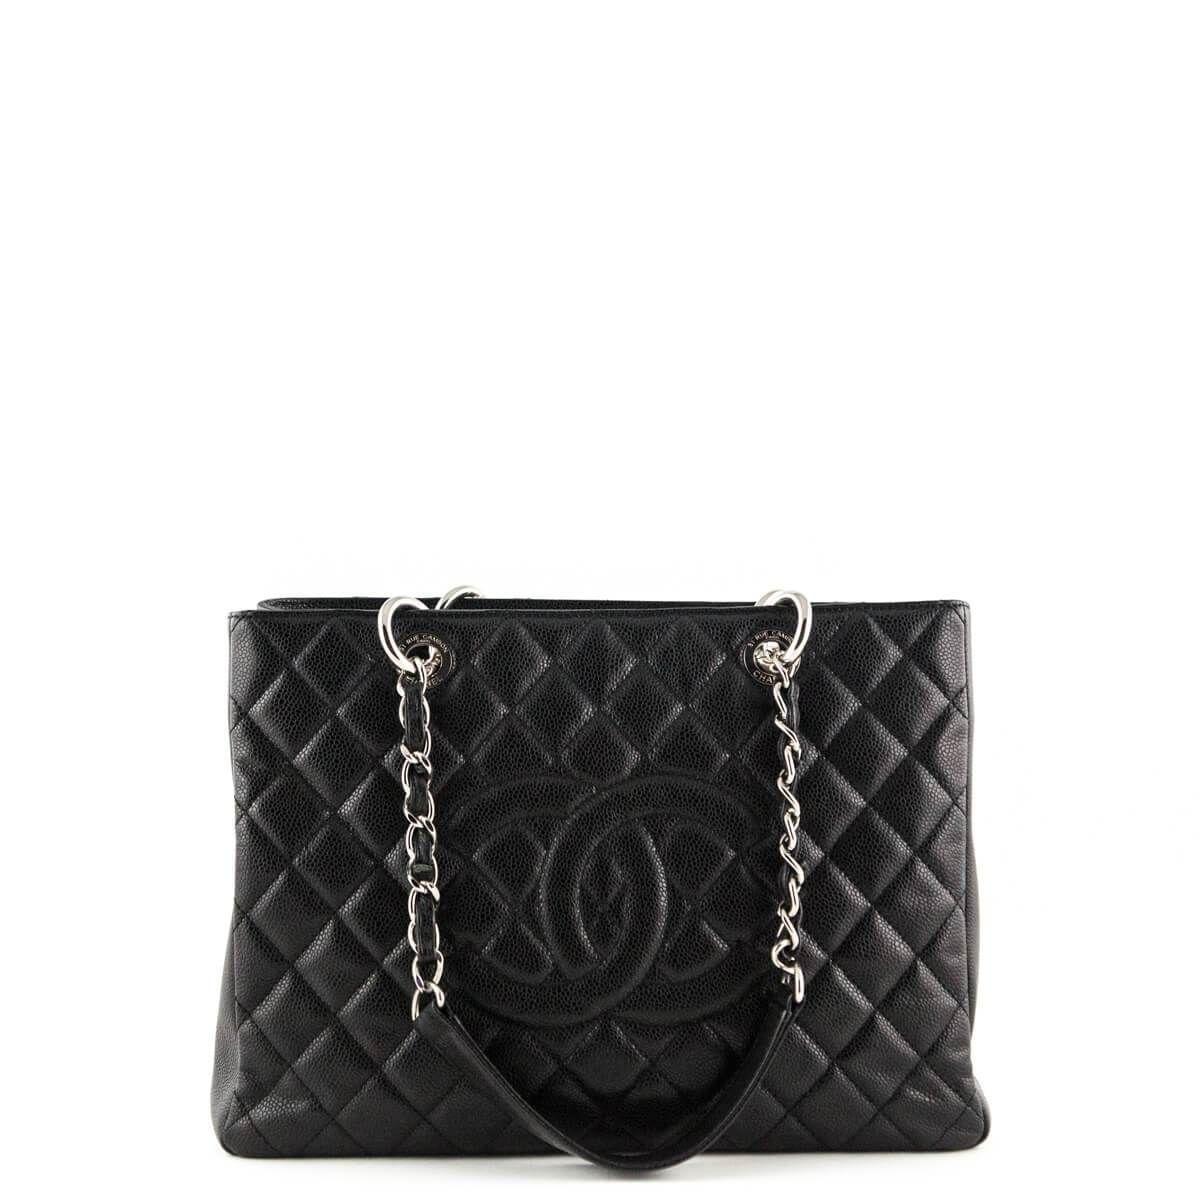 e627f6f531c3 Chanel Black Caviar GST SHW - LOVE that BAG - Preowned Authentic Designer  Handbags -  3200